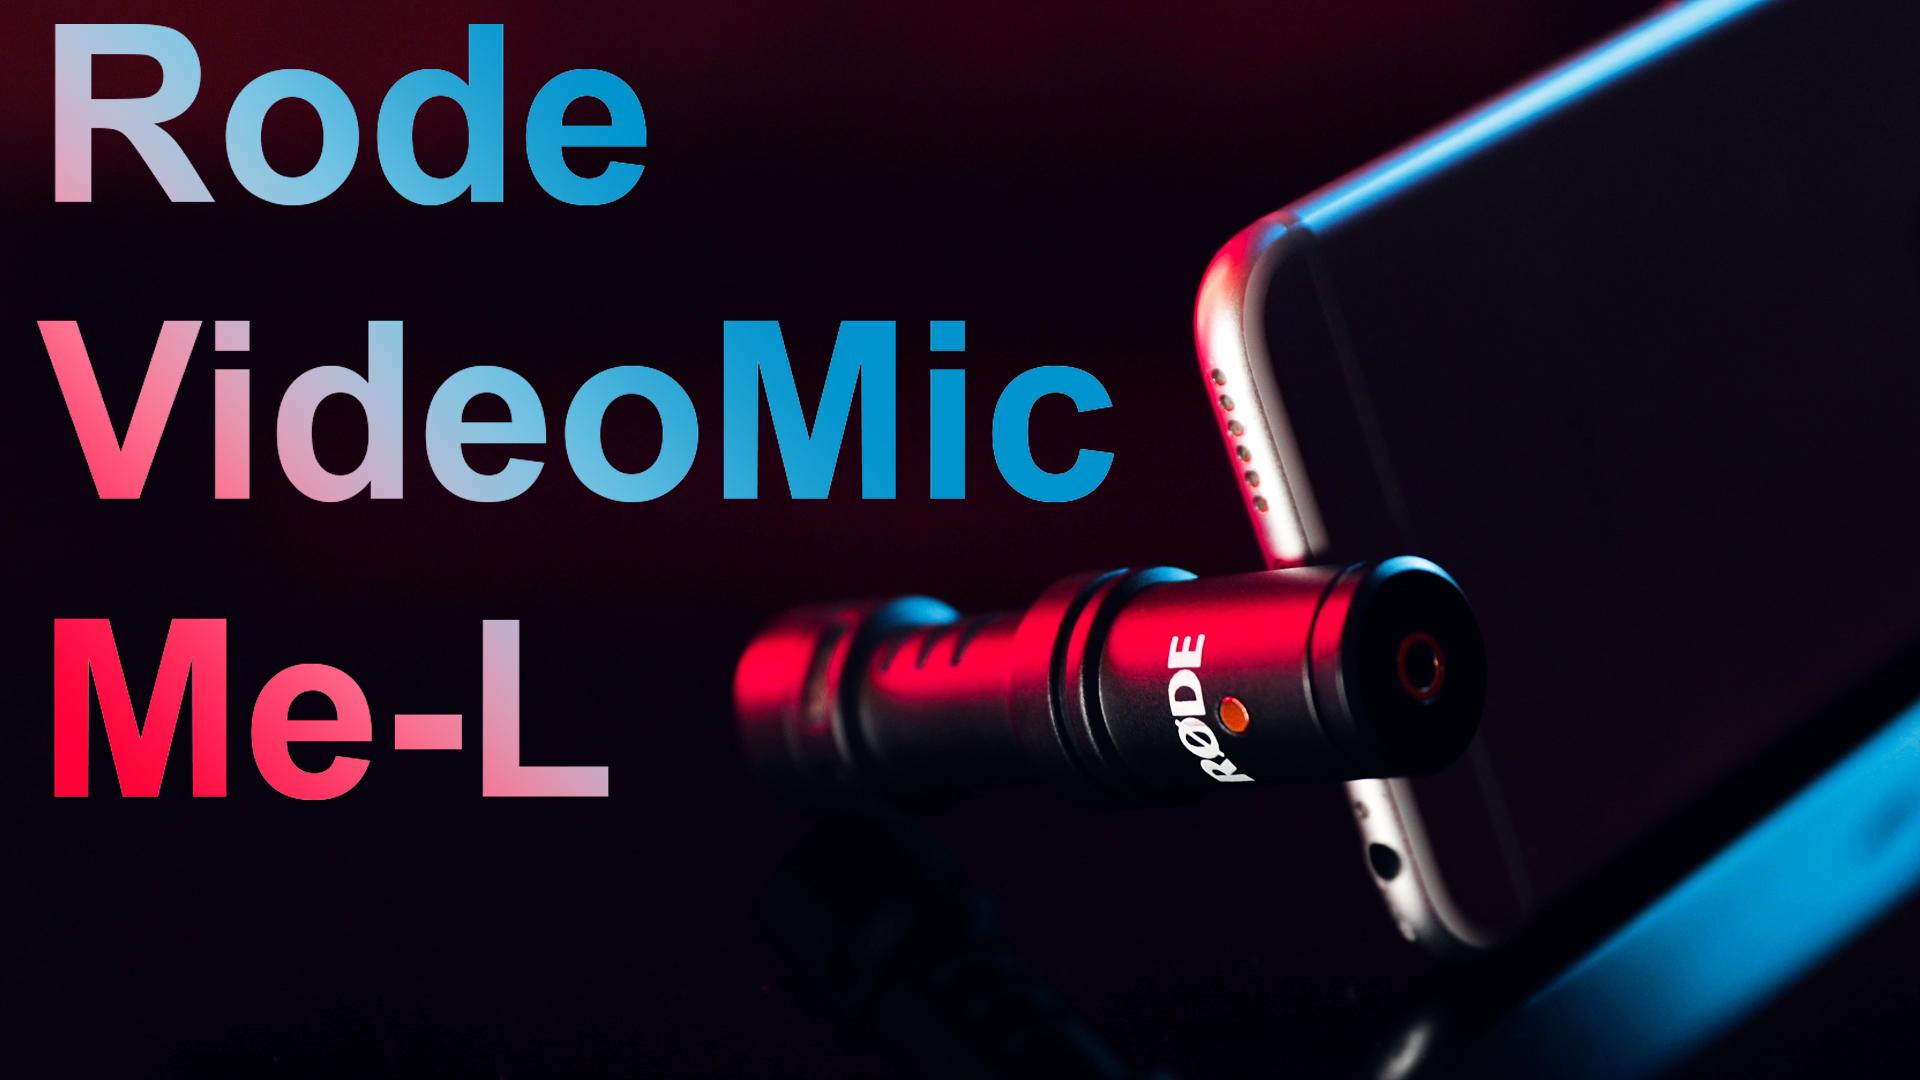 Vaata videot: Rode VideoMic Me-L mikrofoni ülevaade ja test